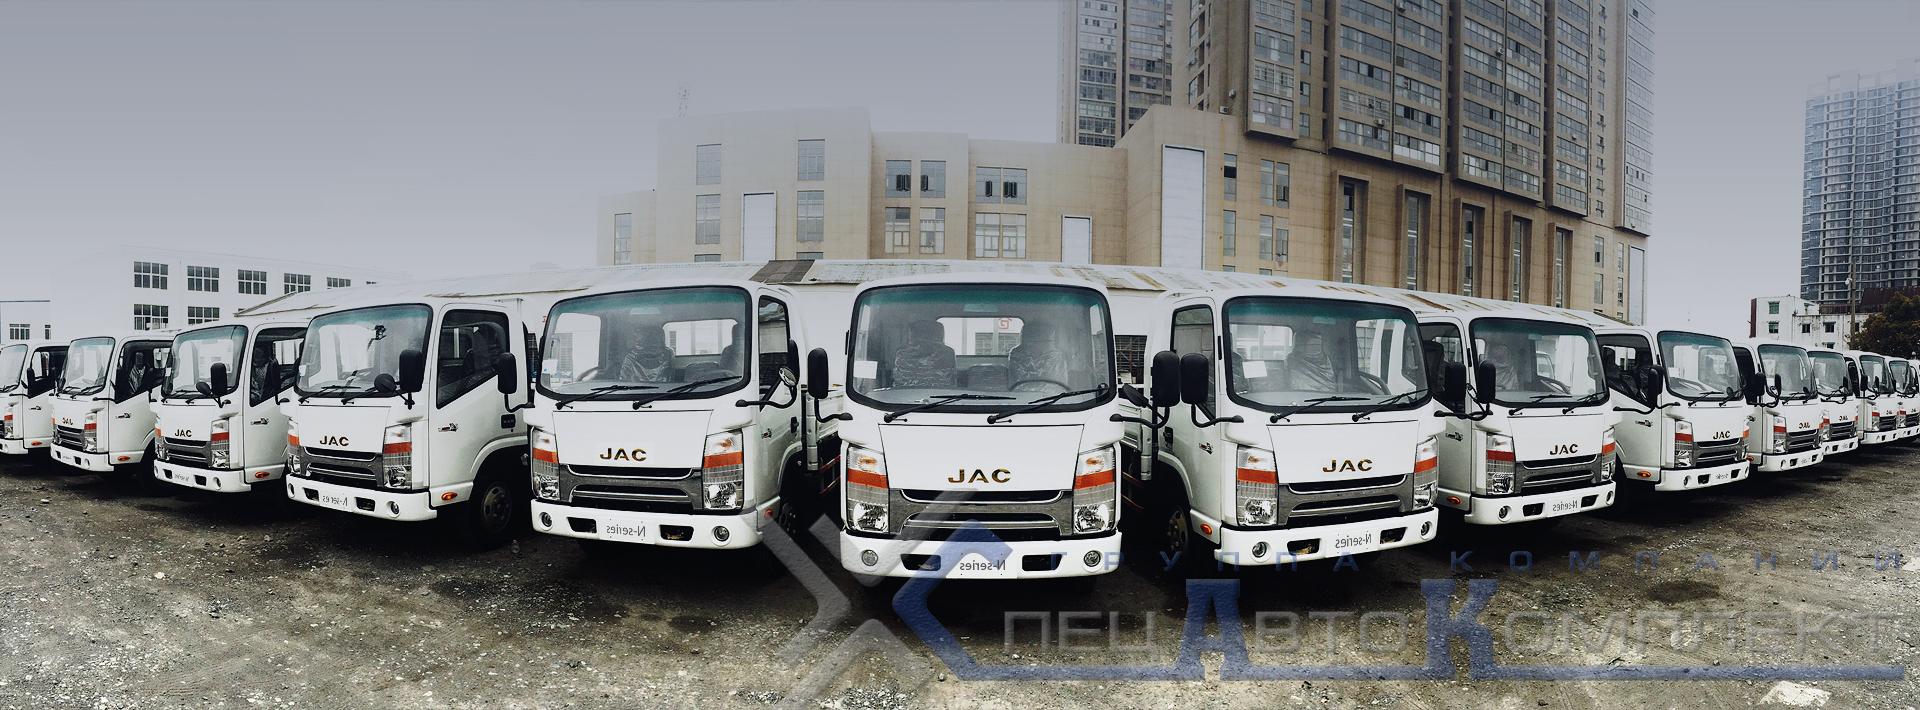 Бортовые автомобили JAC